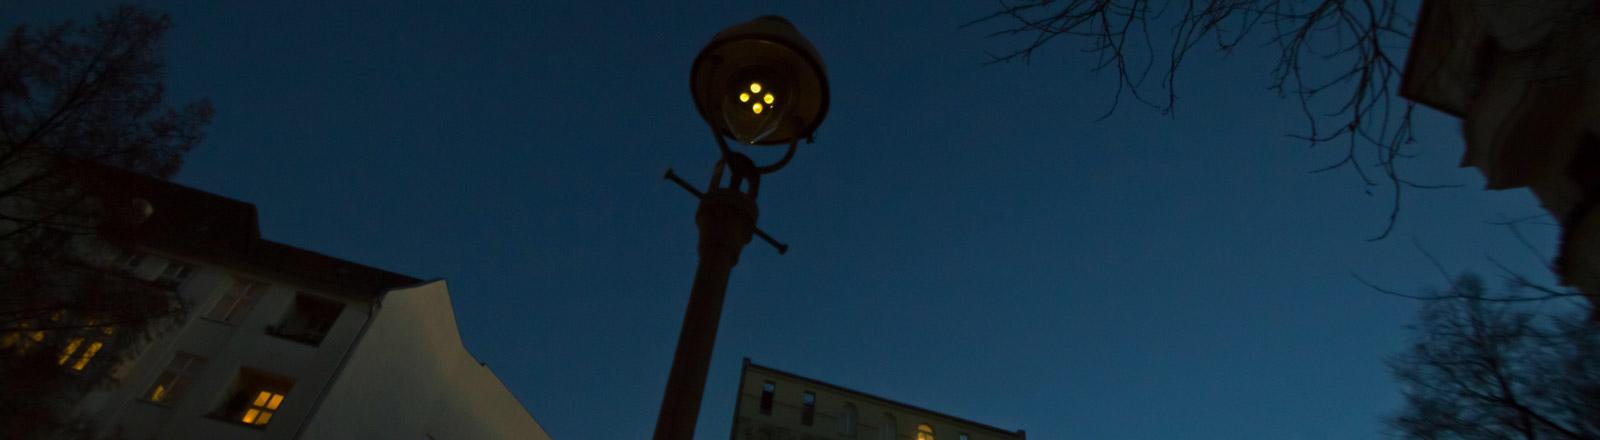 Eine Aufnahme einer Stadt bei Nacht